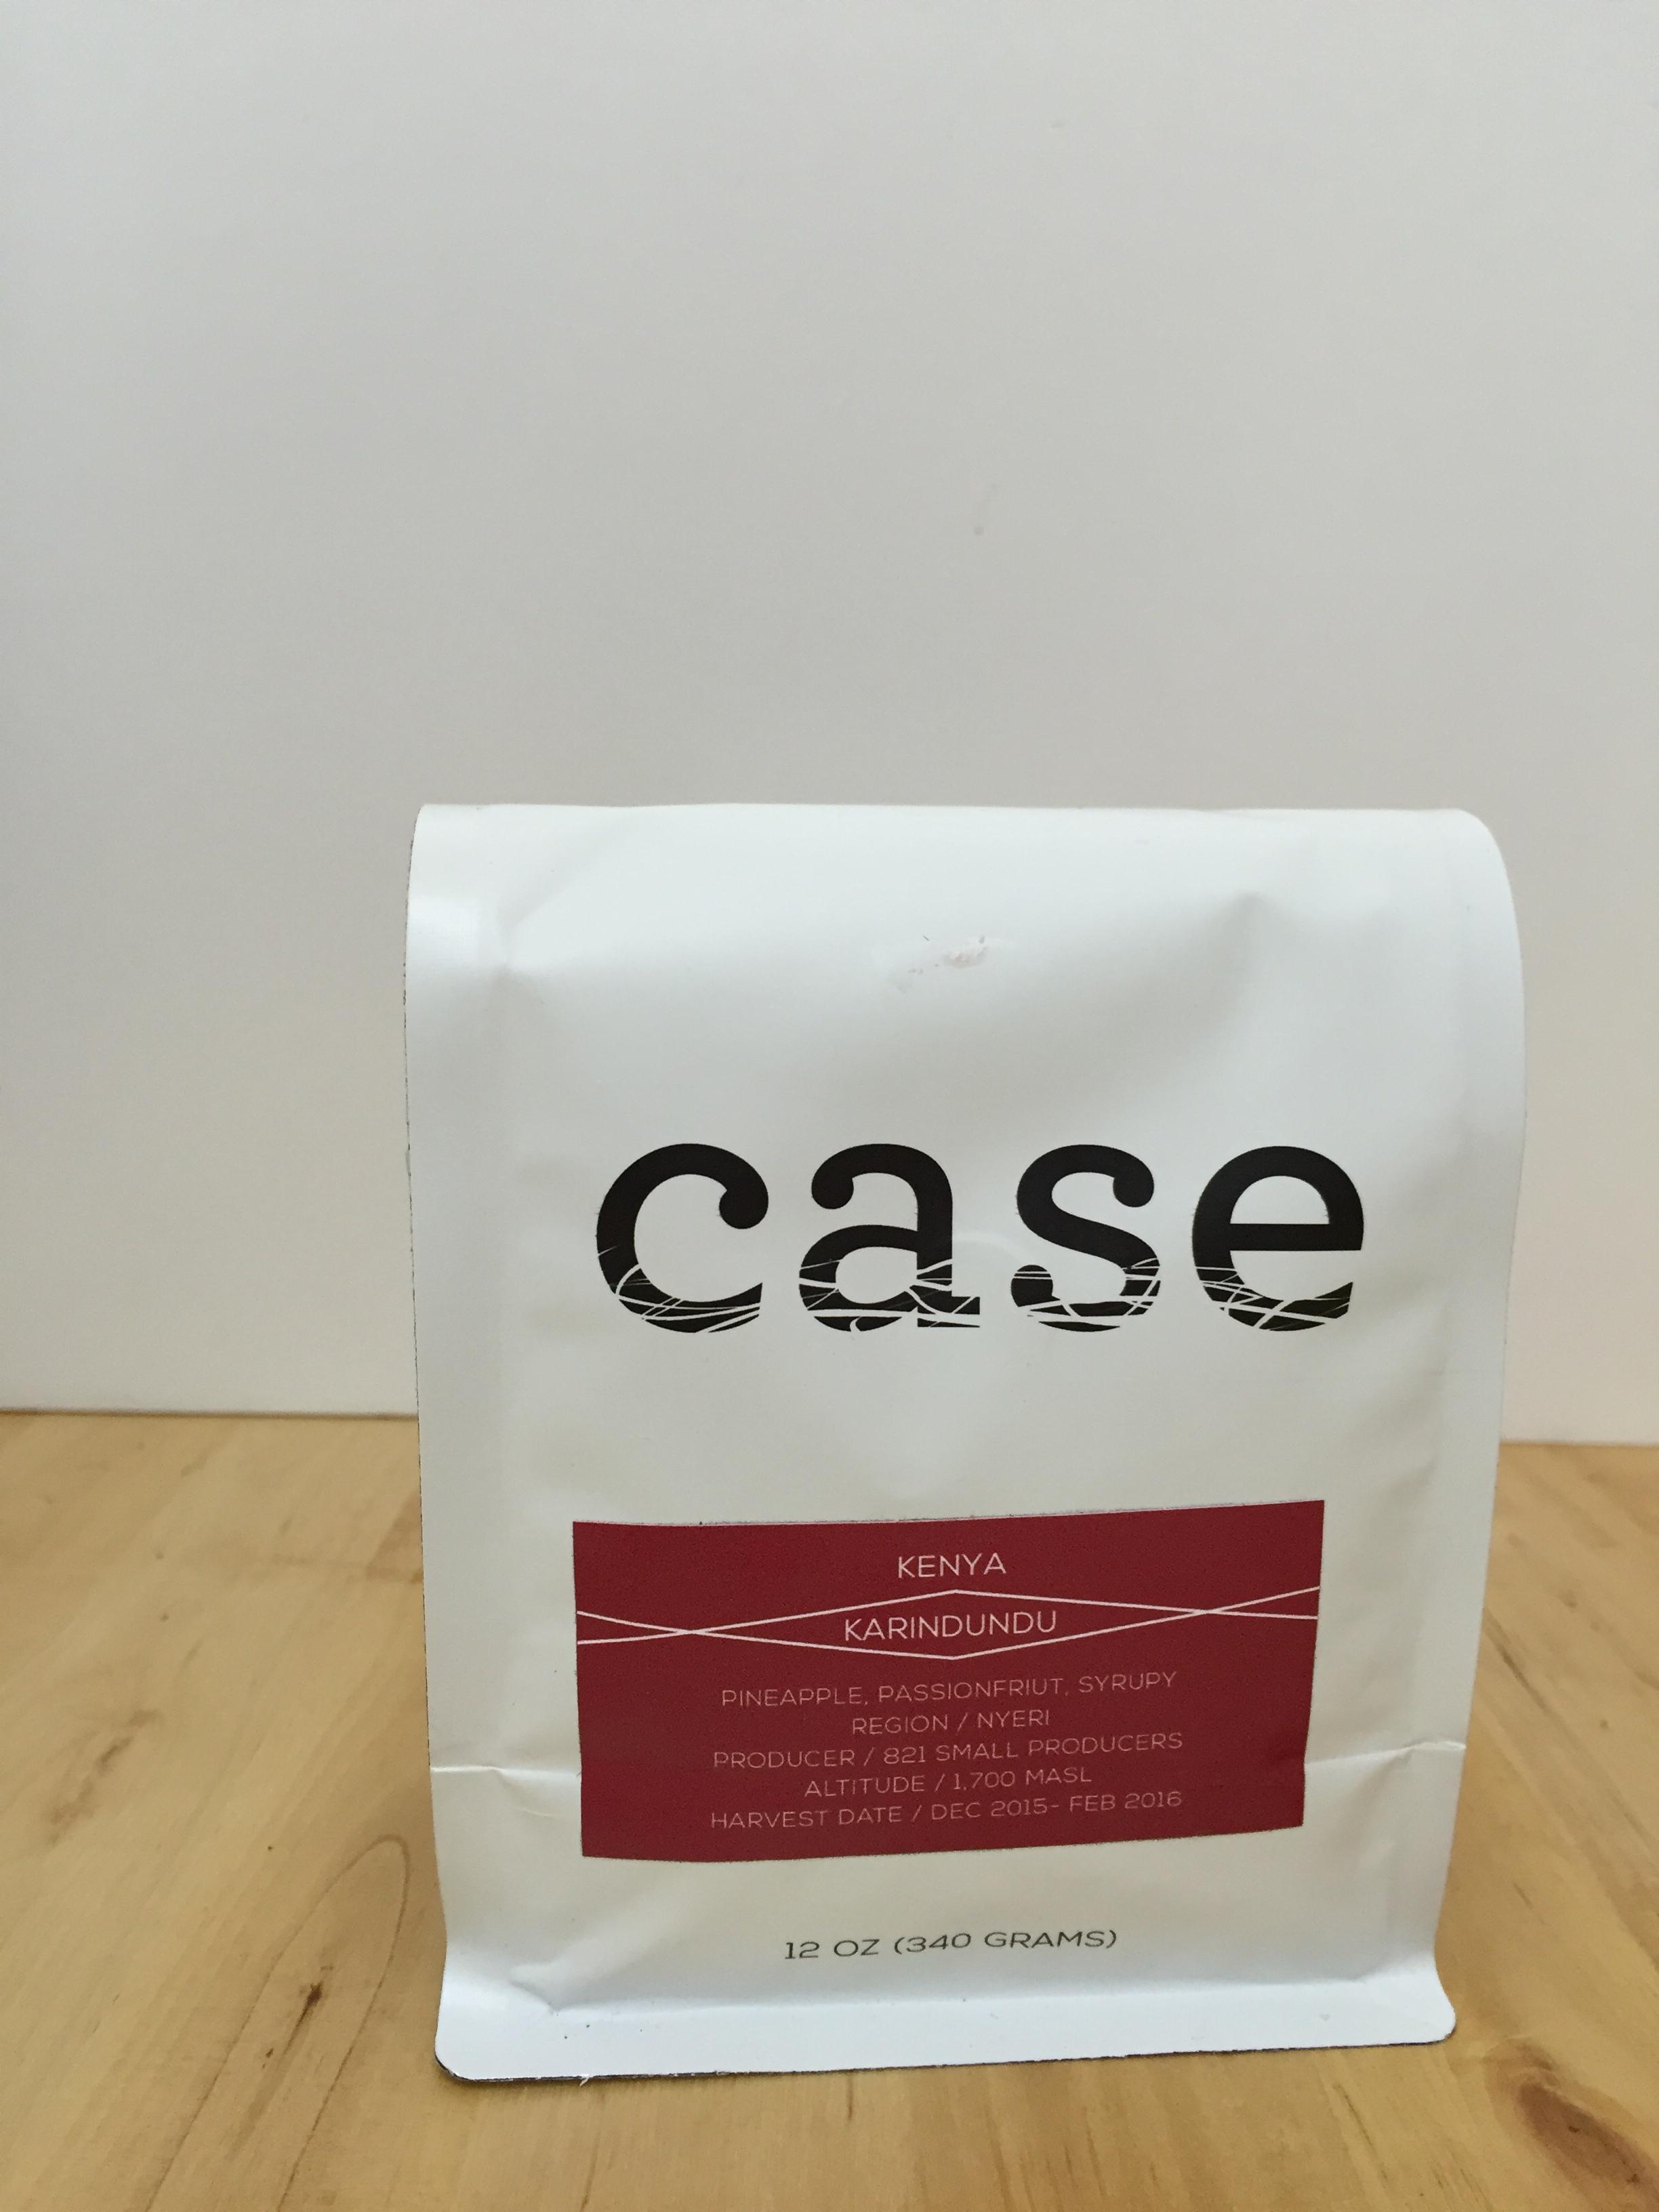 Case Coffee Roasters - Kenya Karindudu